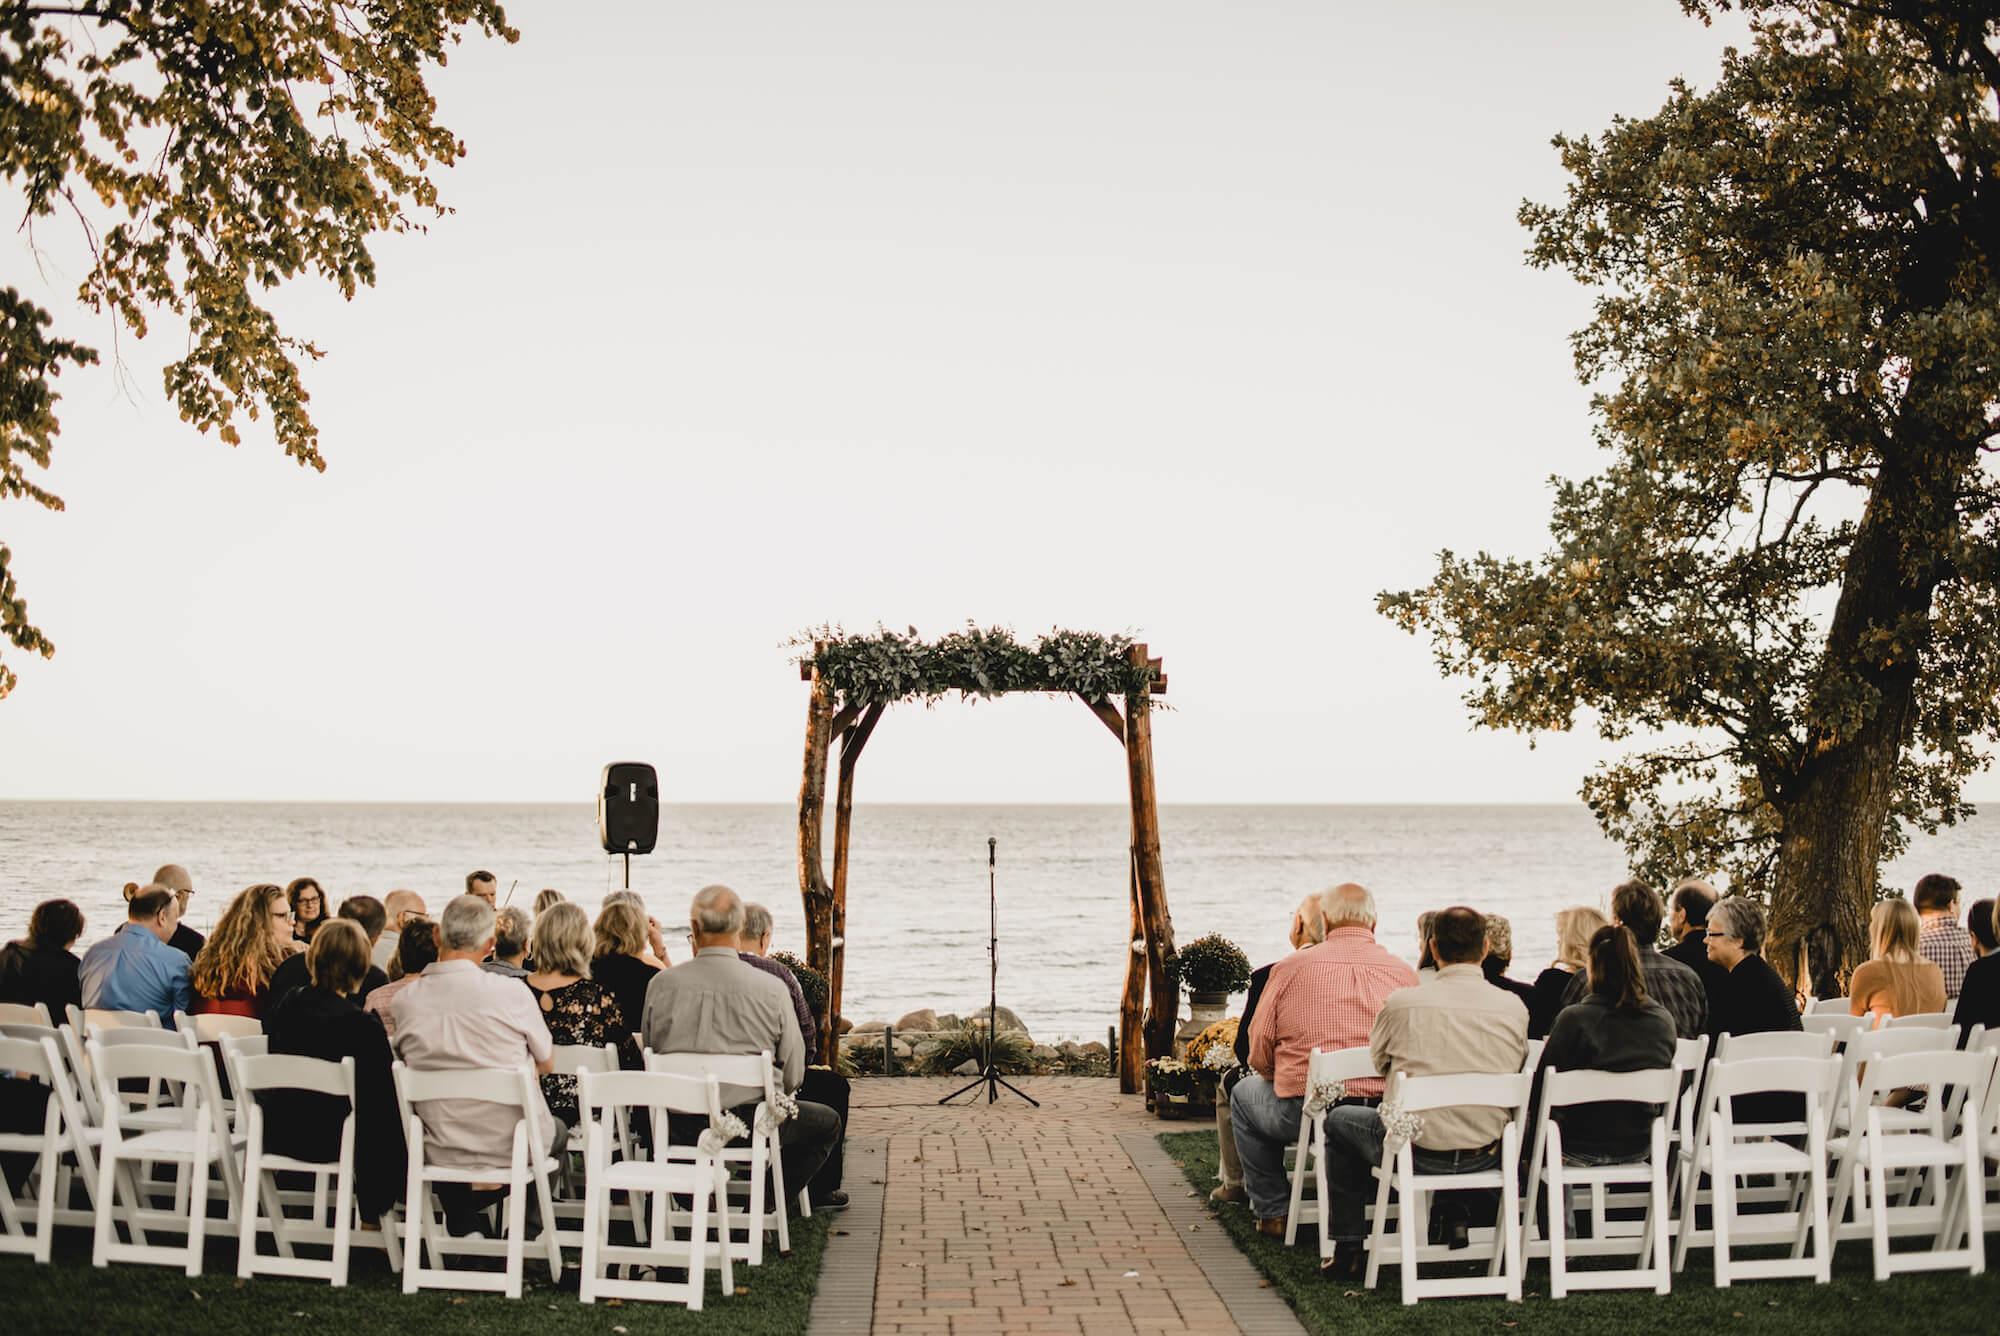 engle-olson-tammy-marc-wedding-45.jpg